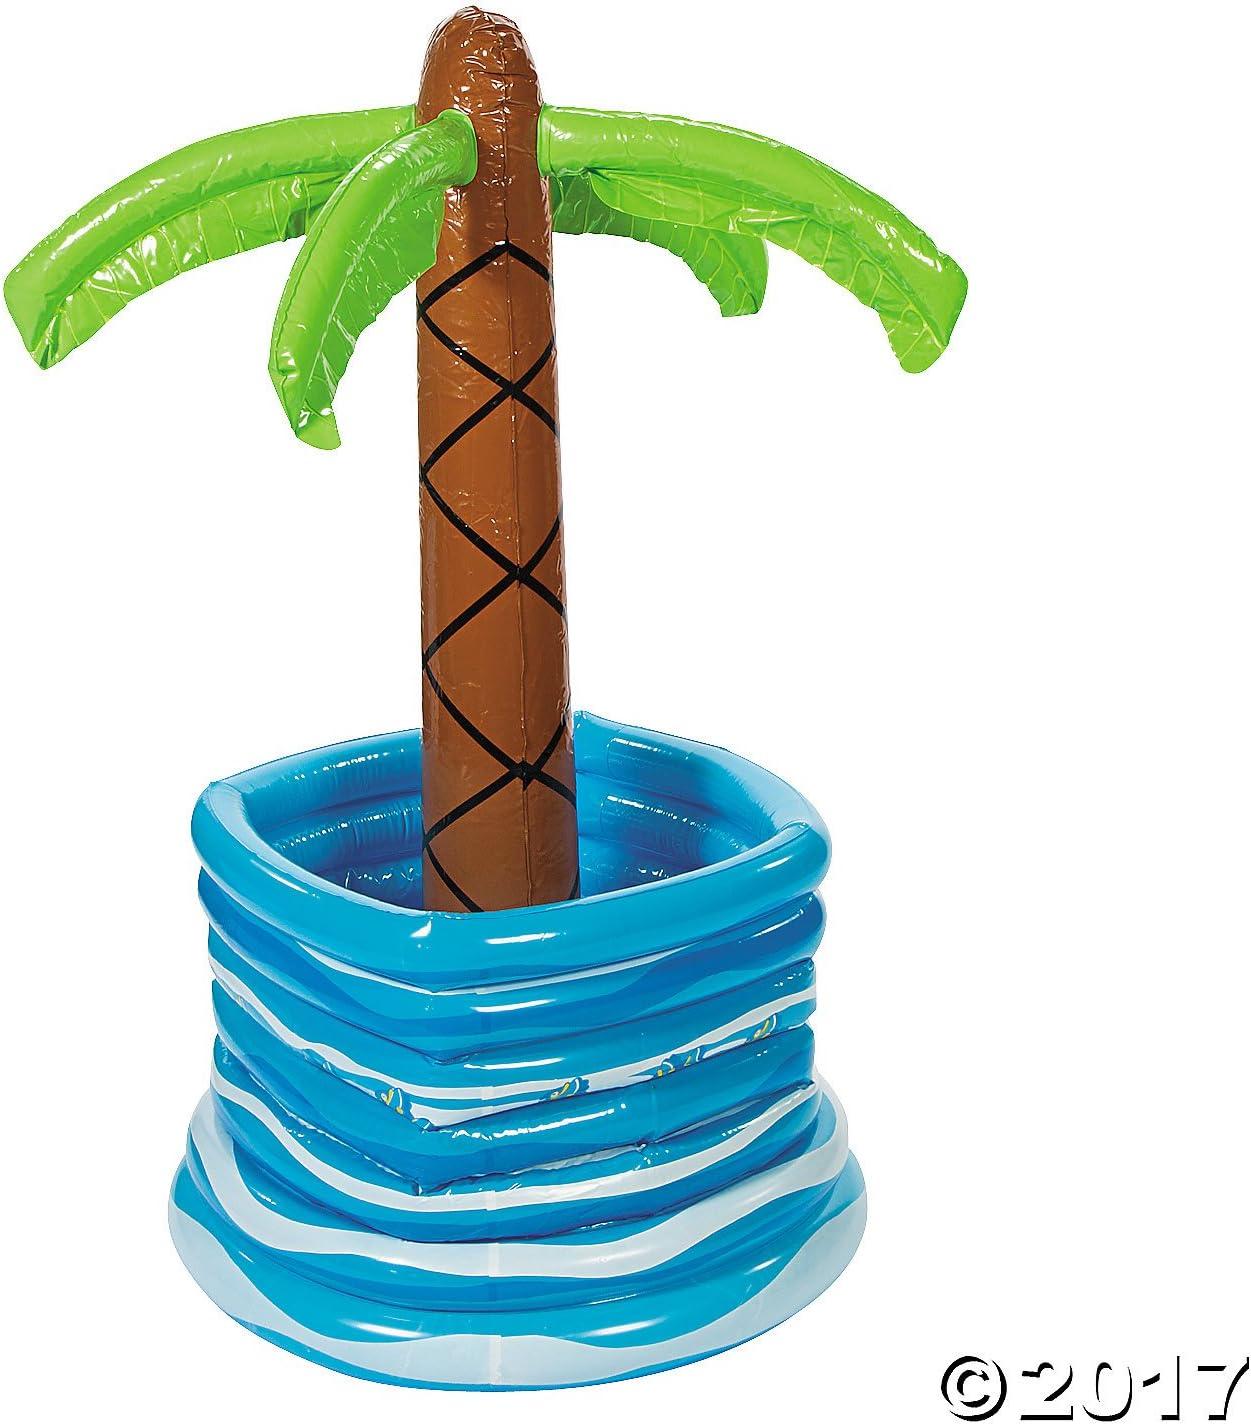 Enfriador para botellas de billar en palmera hinchable: Amazon.es ...